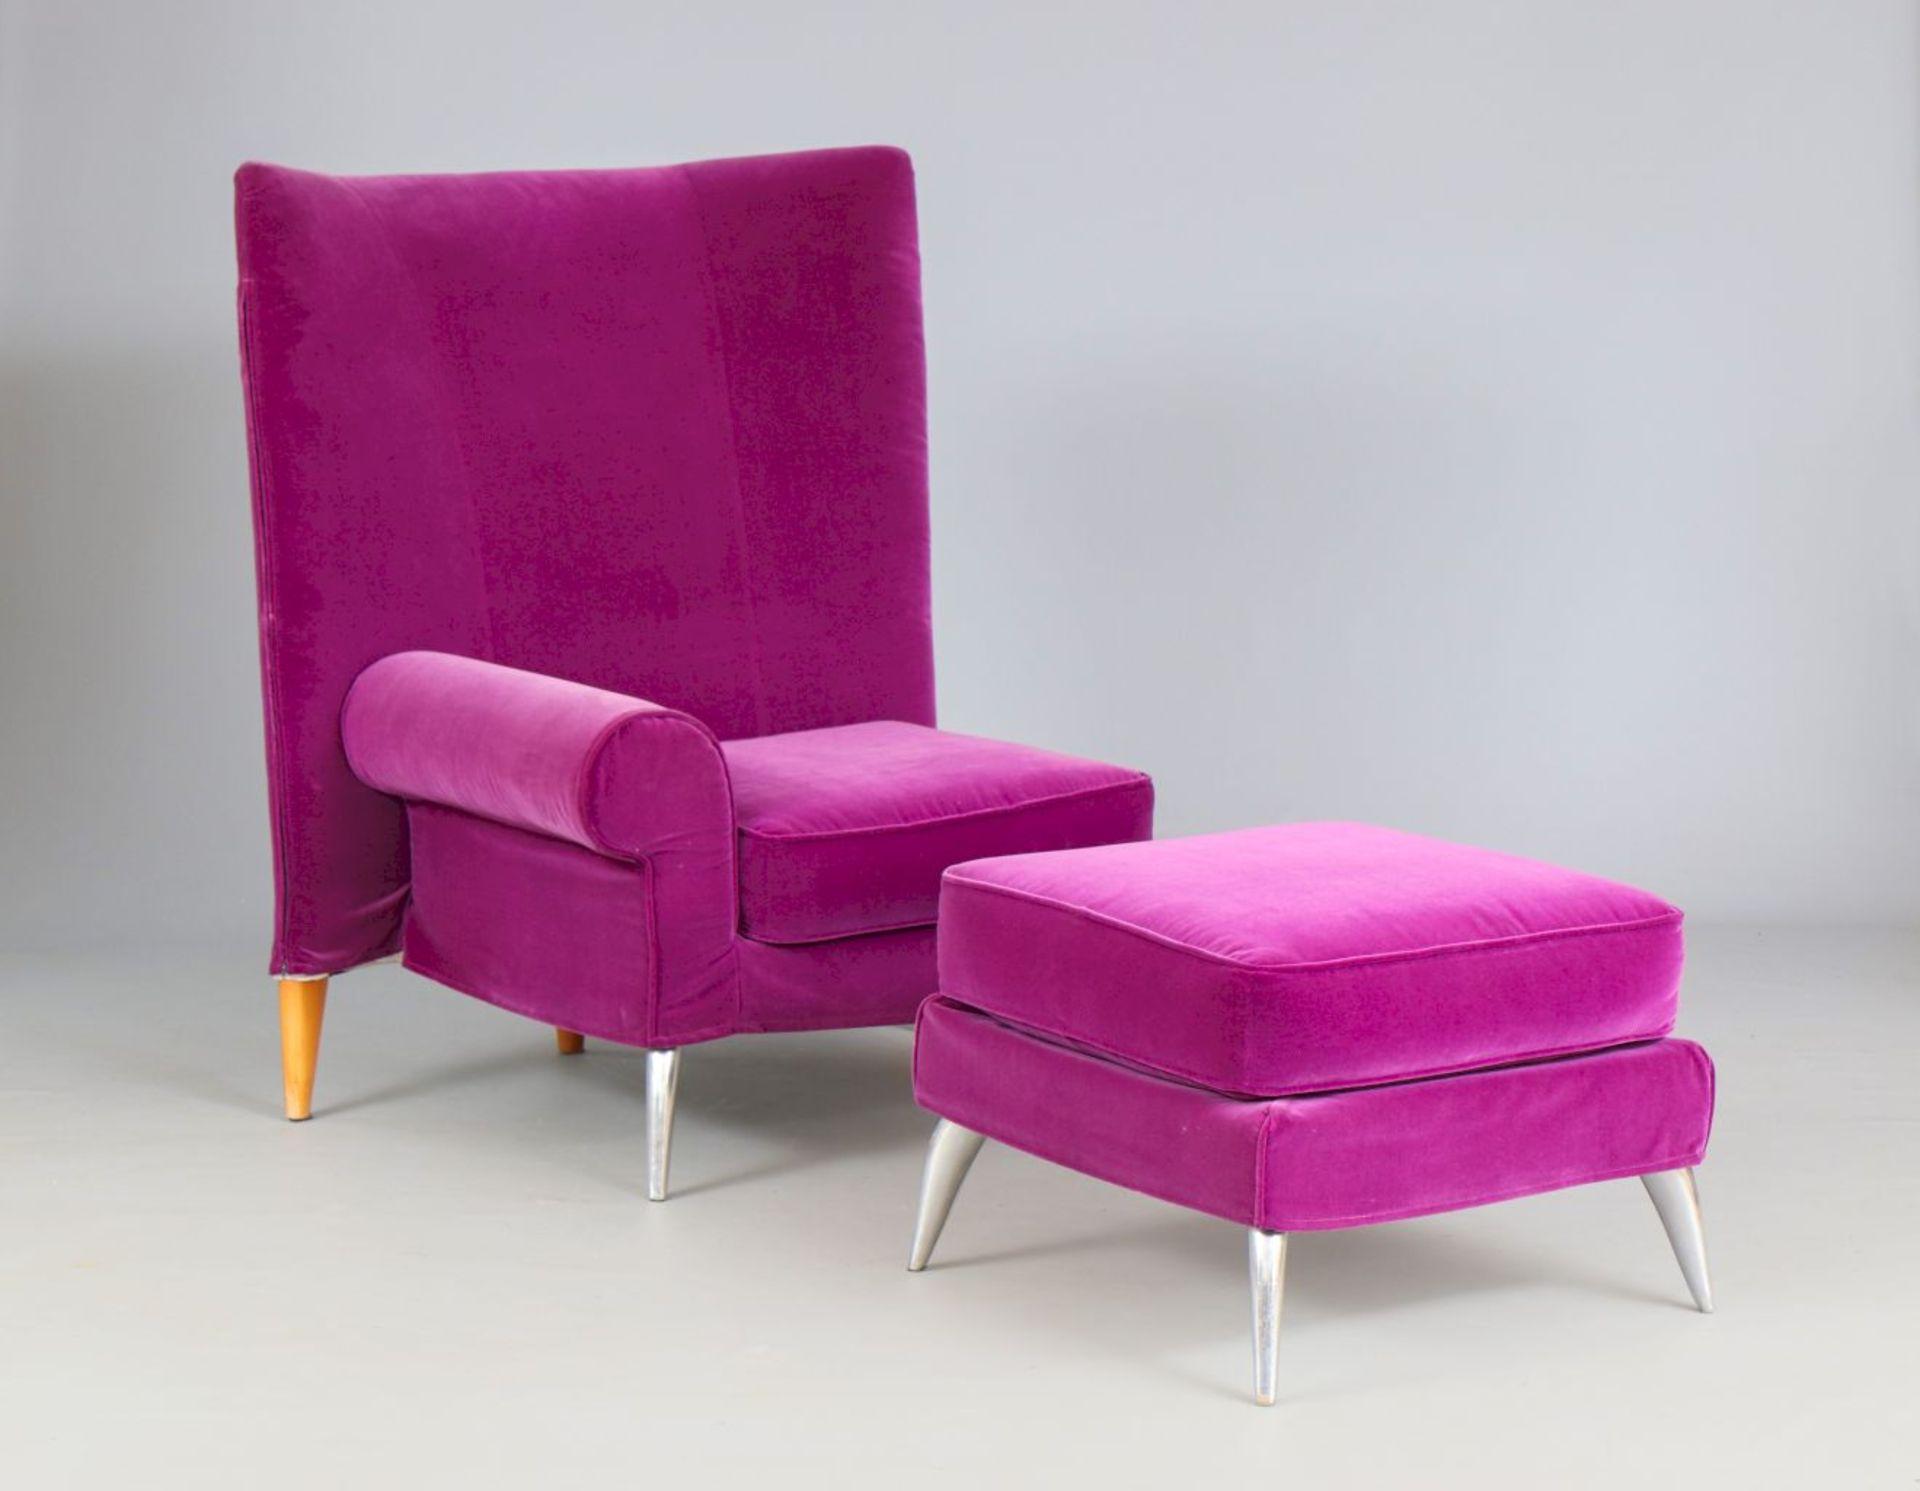 PHILIPPE STARCK Sessel ¨Royalton¨ mit Fußhocker für DRIADE - Image 2 of 2